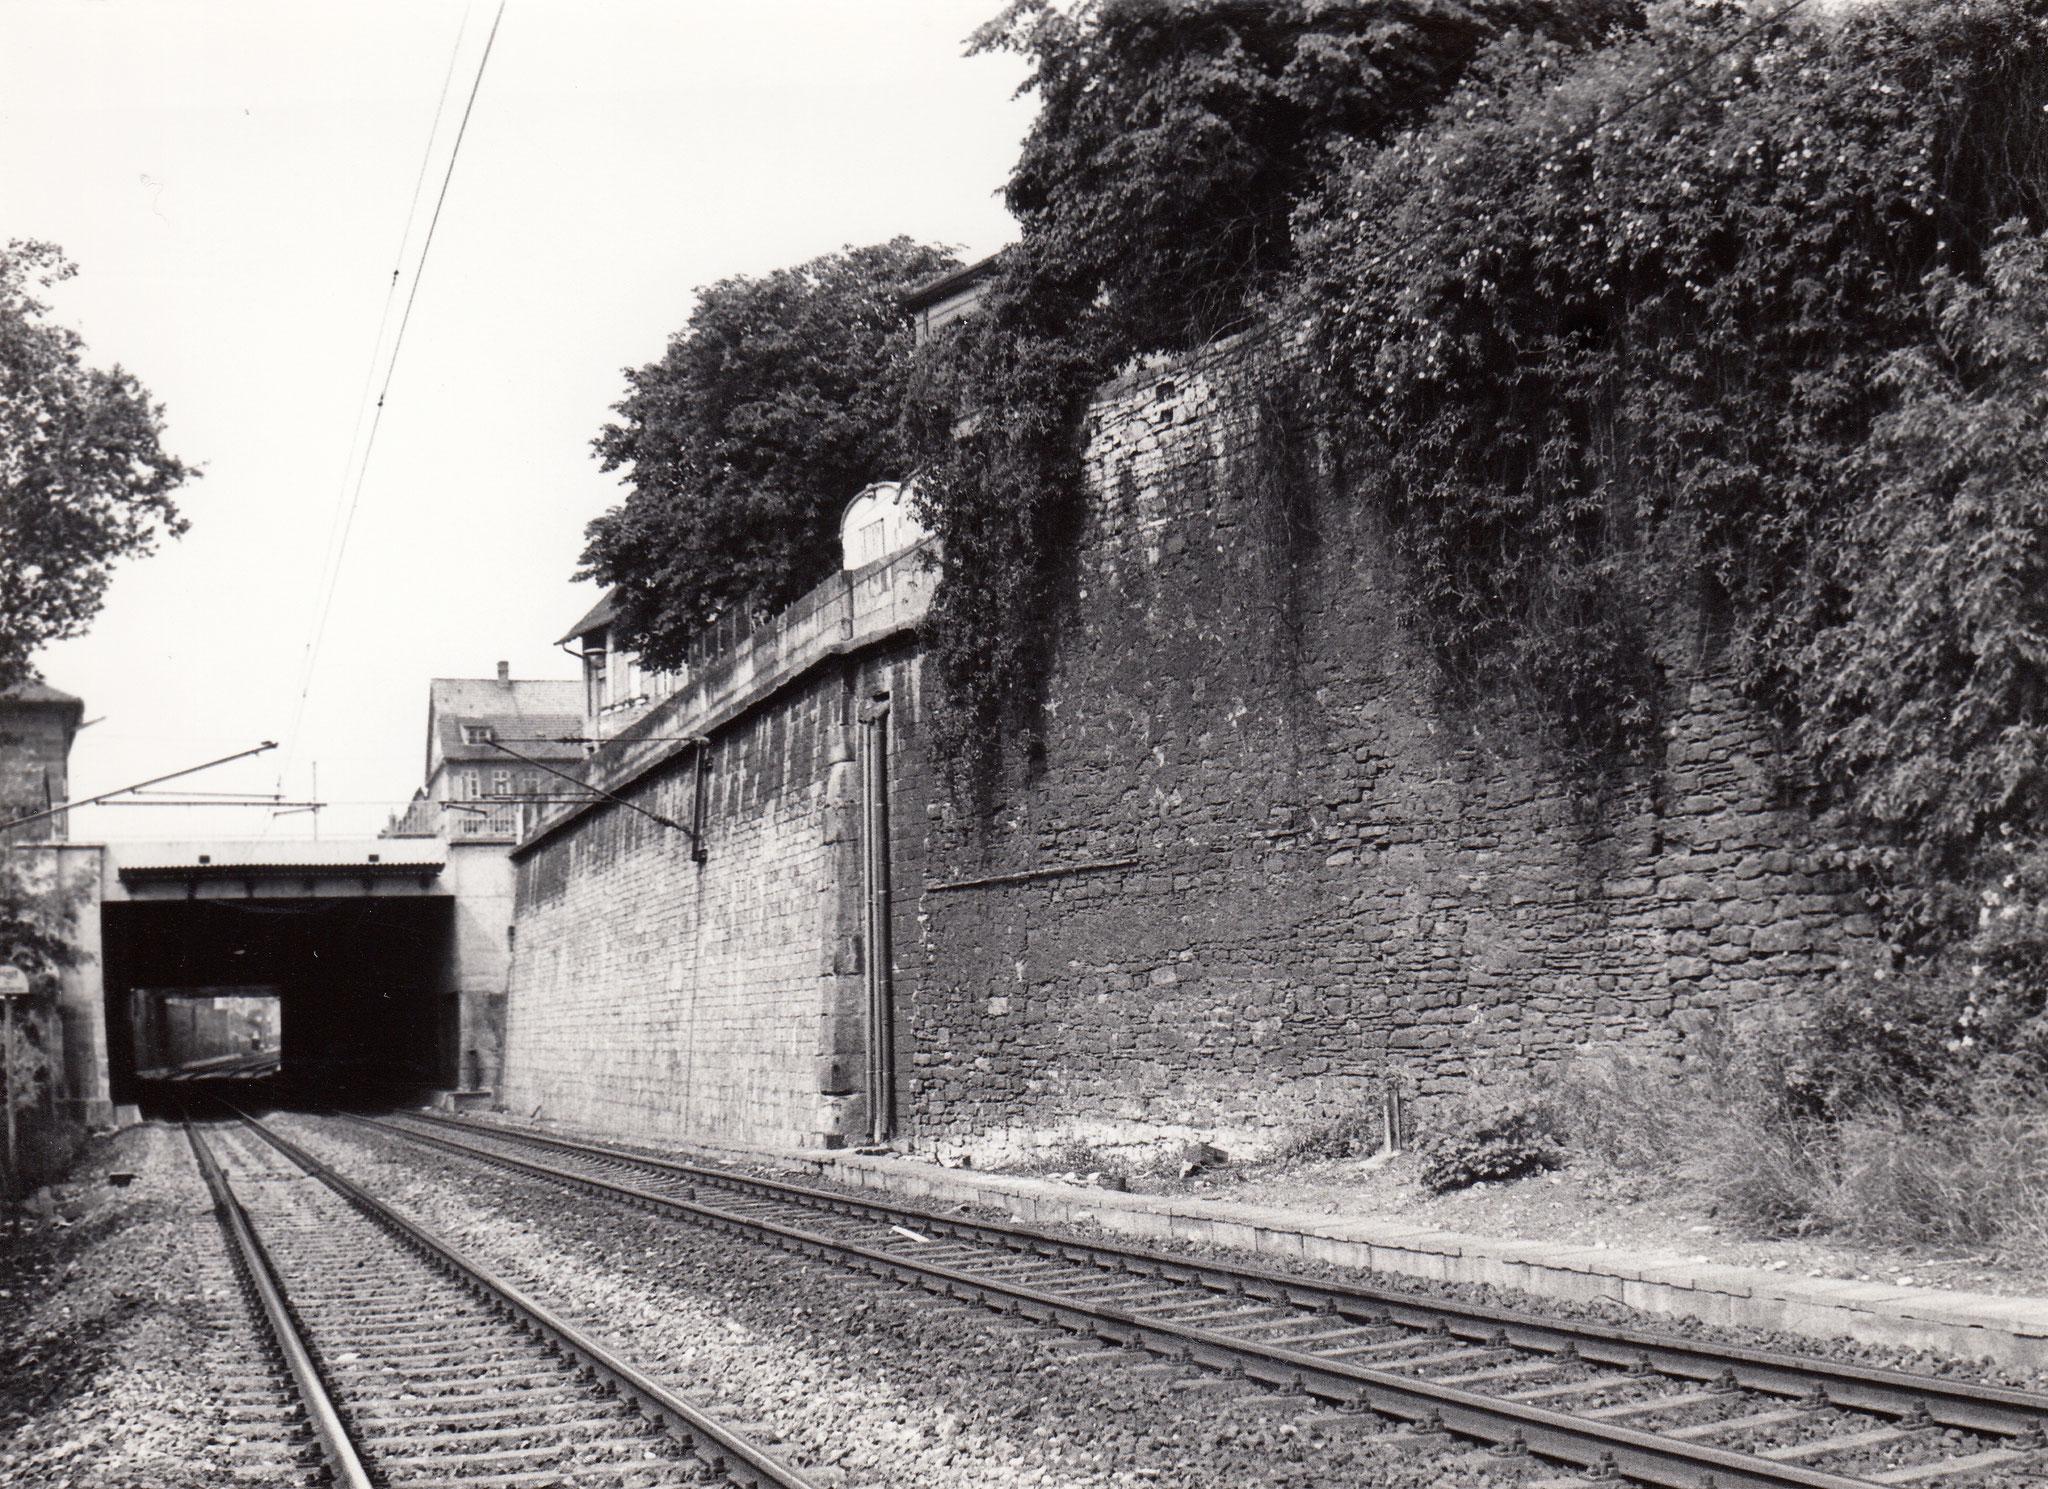 Bahn östlich der Bundesstraße mit Nahtstelle Stützmauer und alte Stadtmauer